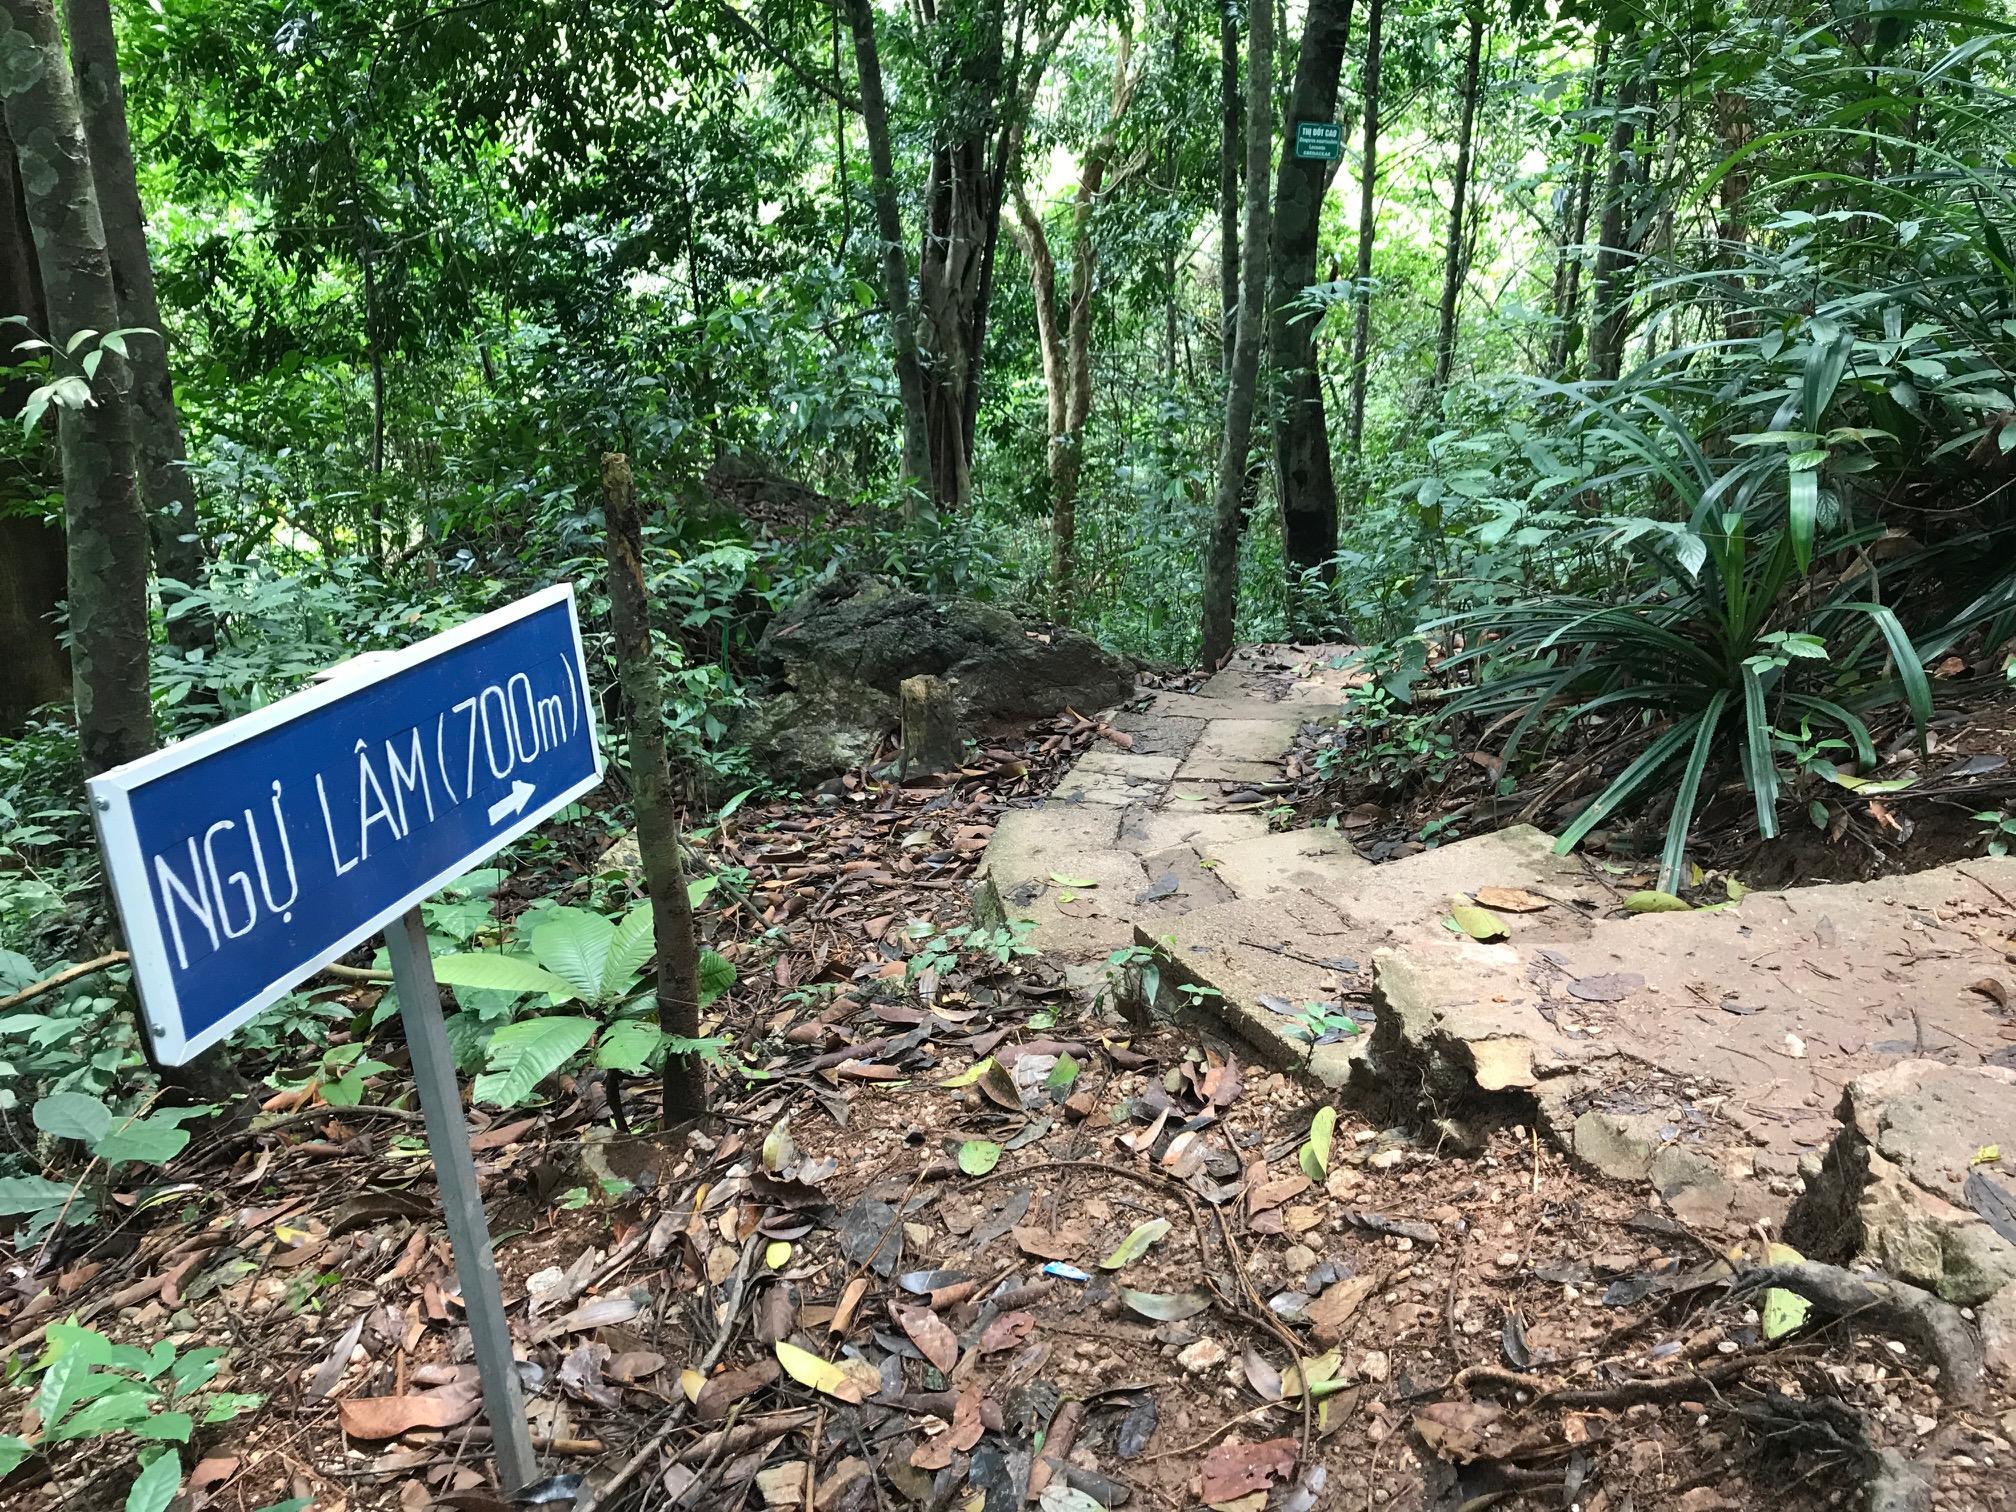 ngu lam peak trail